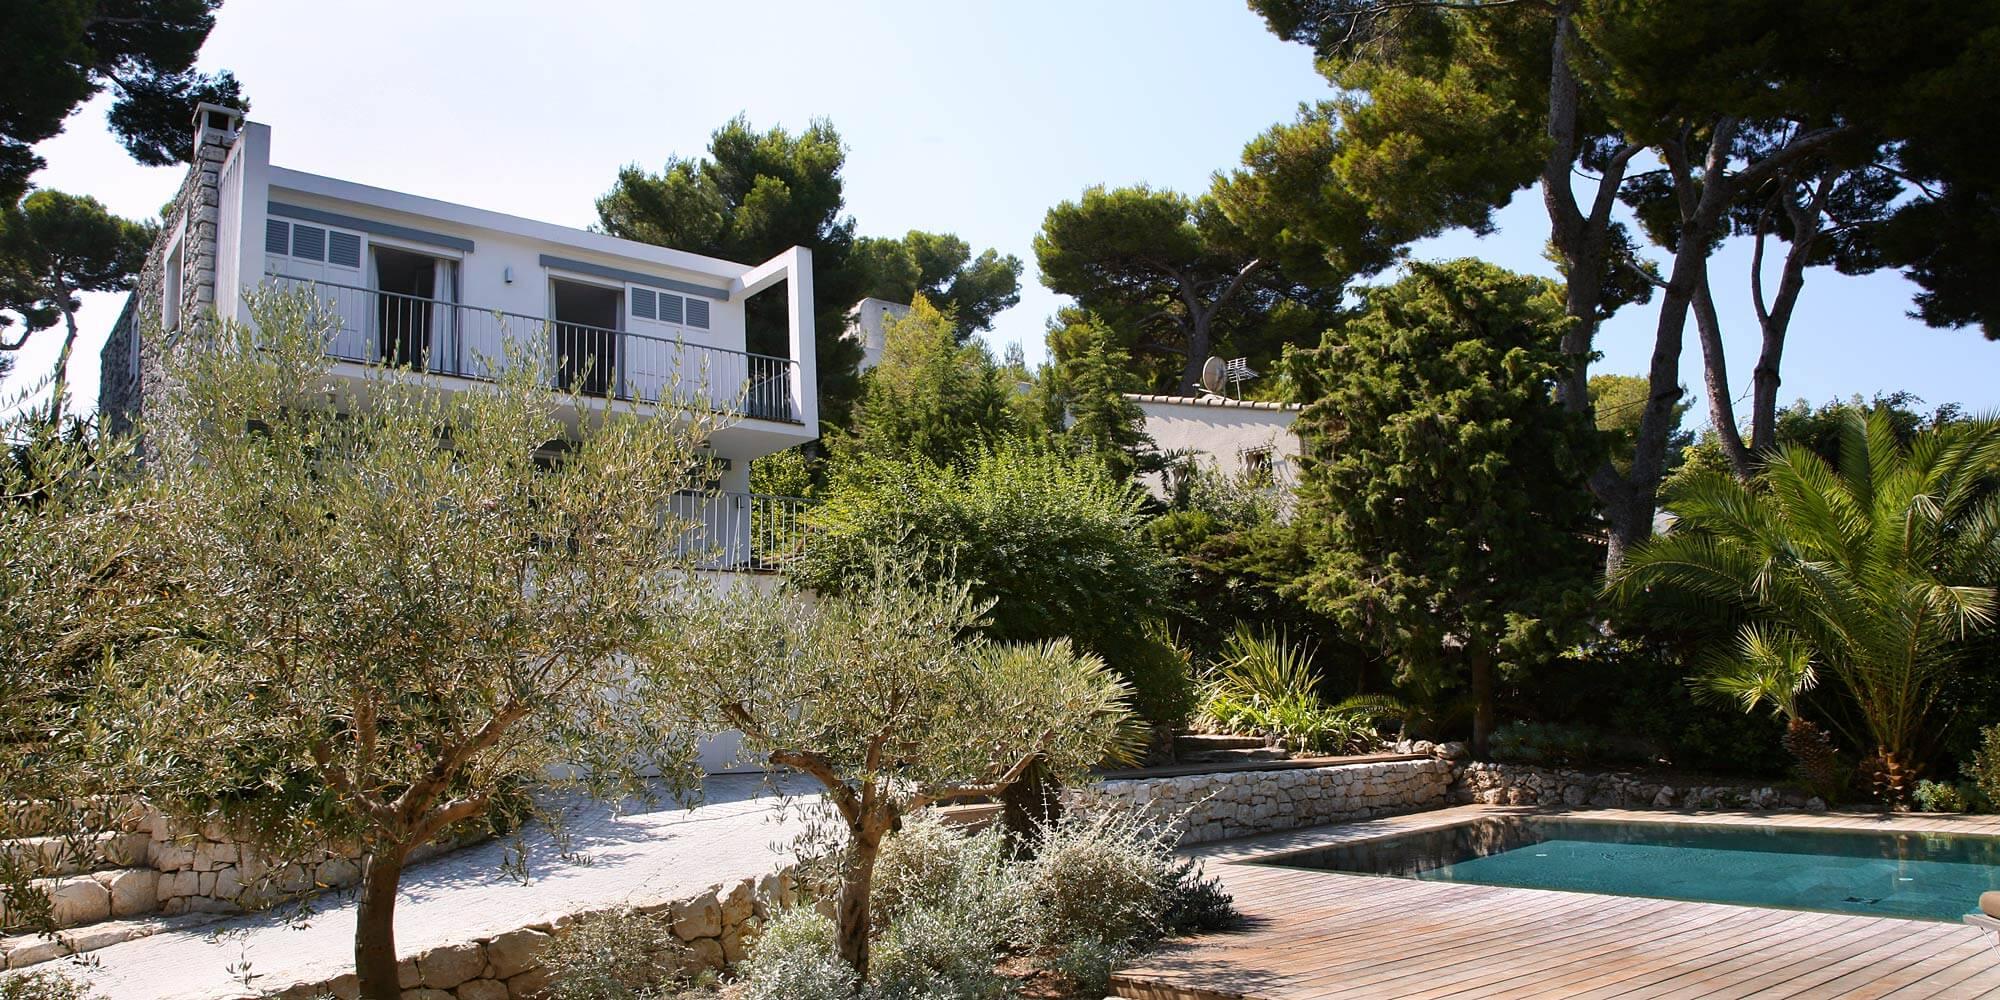 achat ou vente maisons - villas piscine à Cap d\'Antibes-06160,Juan ...